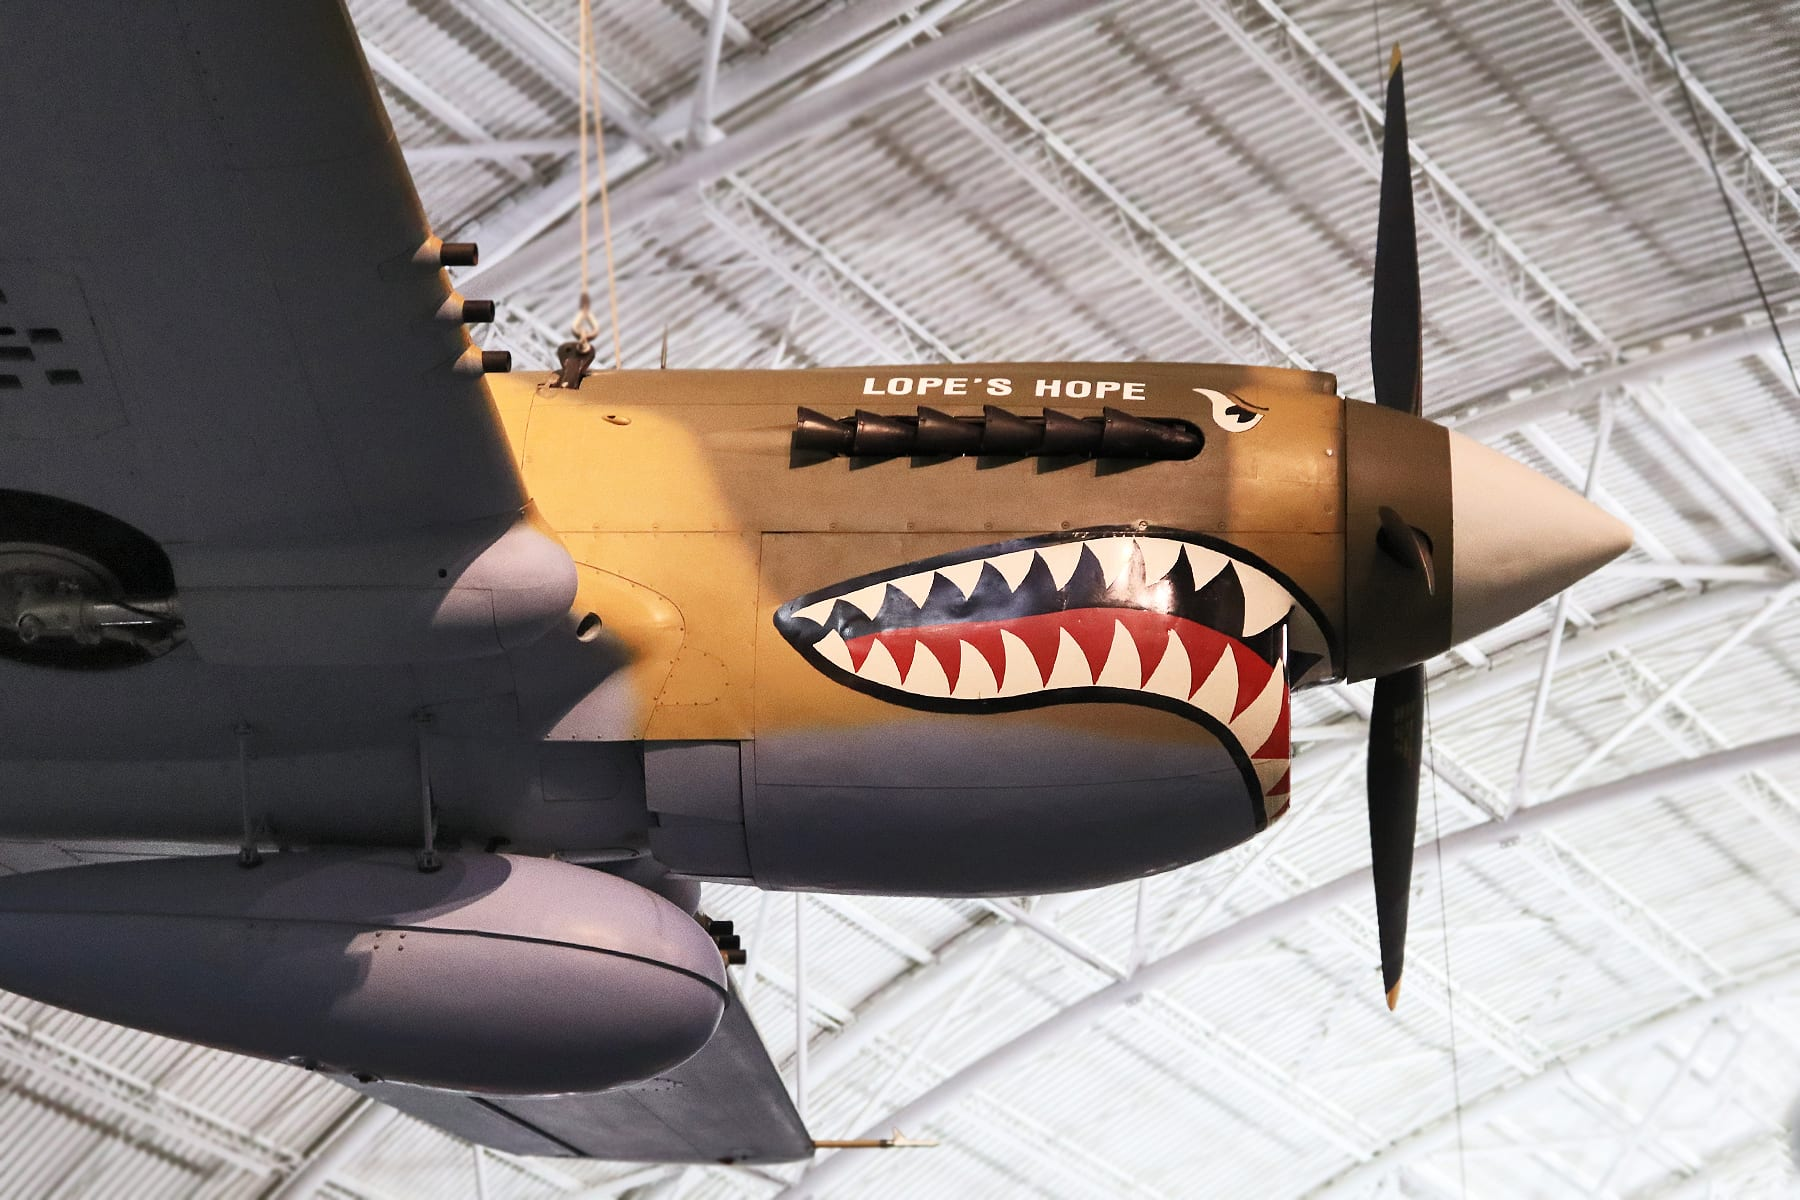 journey-11-VA-airspacemuseum16.jpg